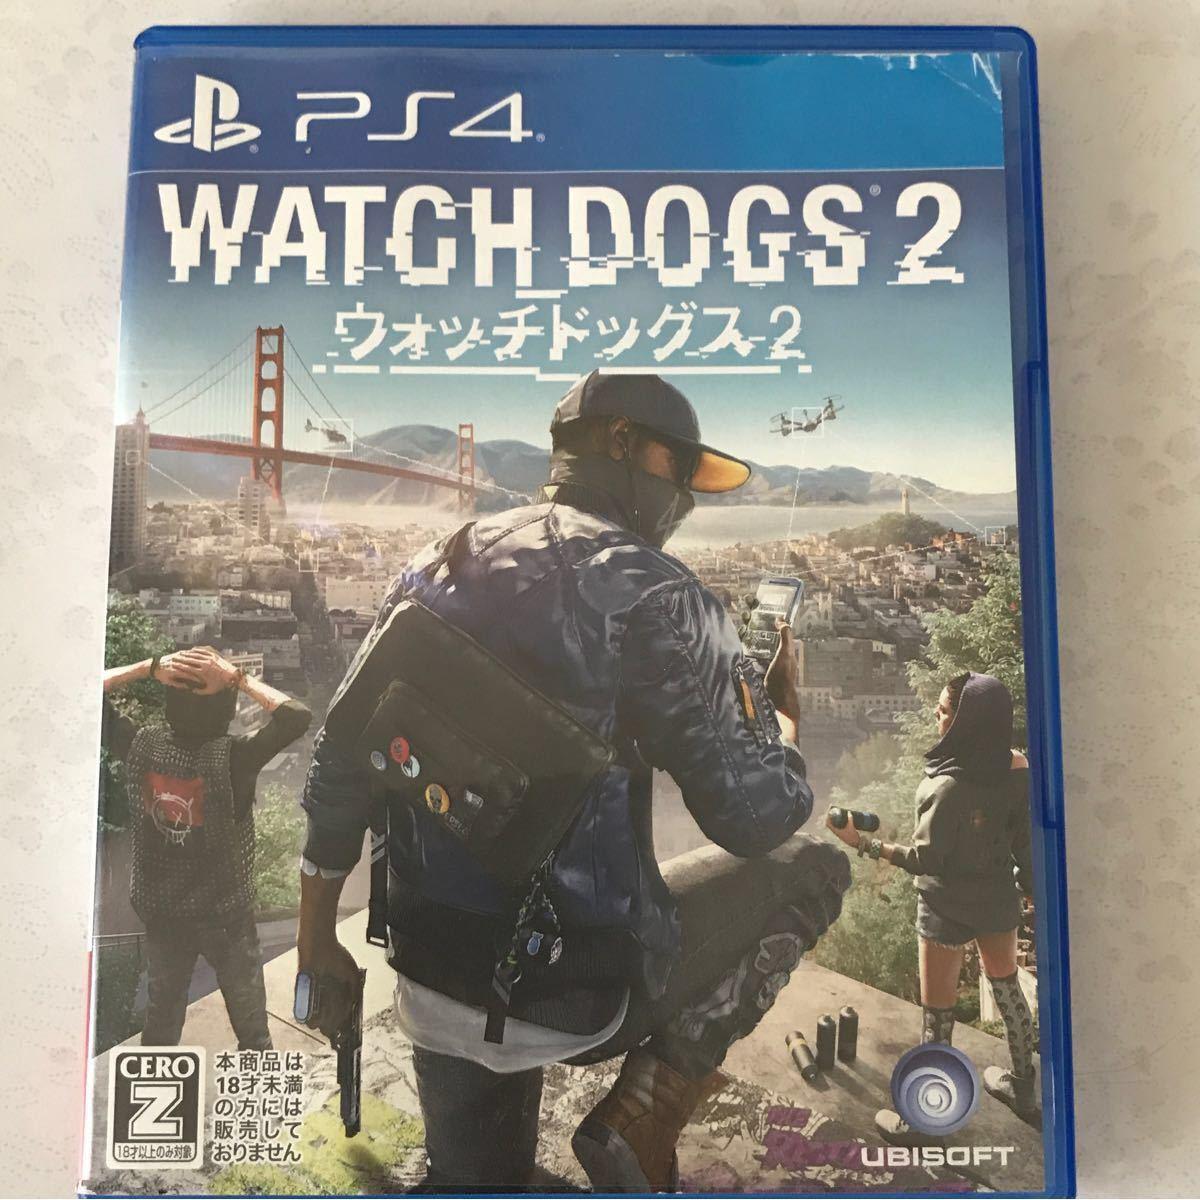 ウォッチドッグス2 PS4 WATCH DOGS